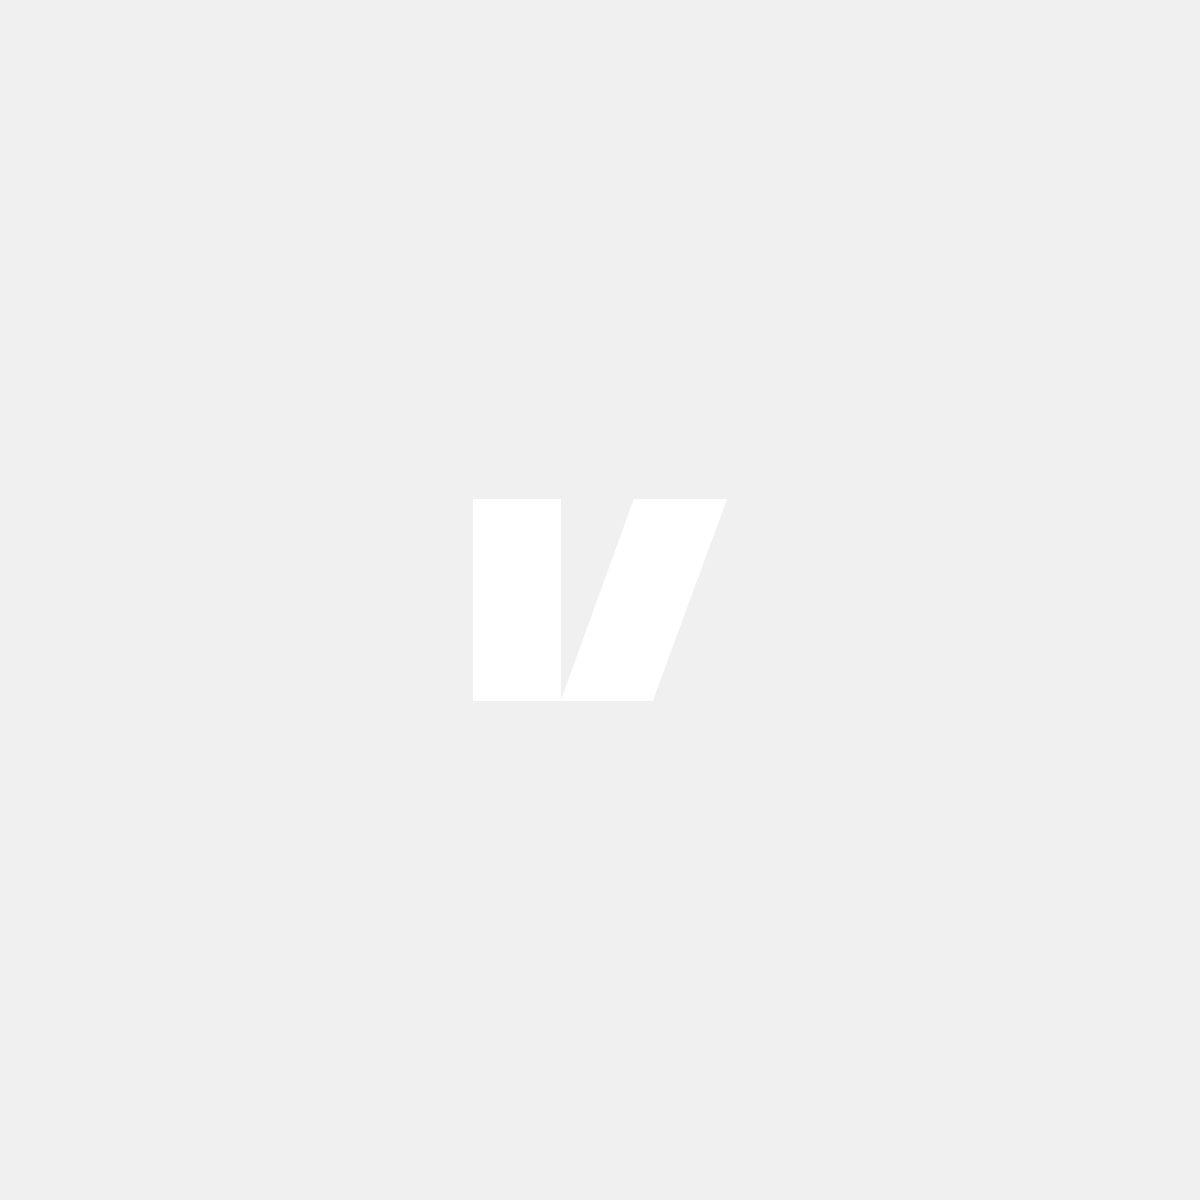 Svart dekorram dimljus till Volvo XC70 14- ,höger